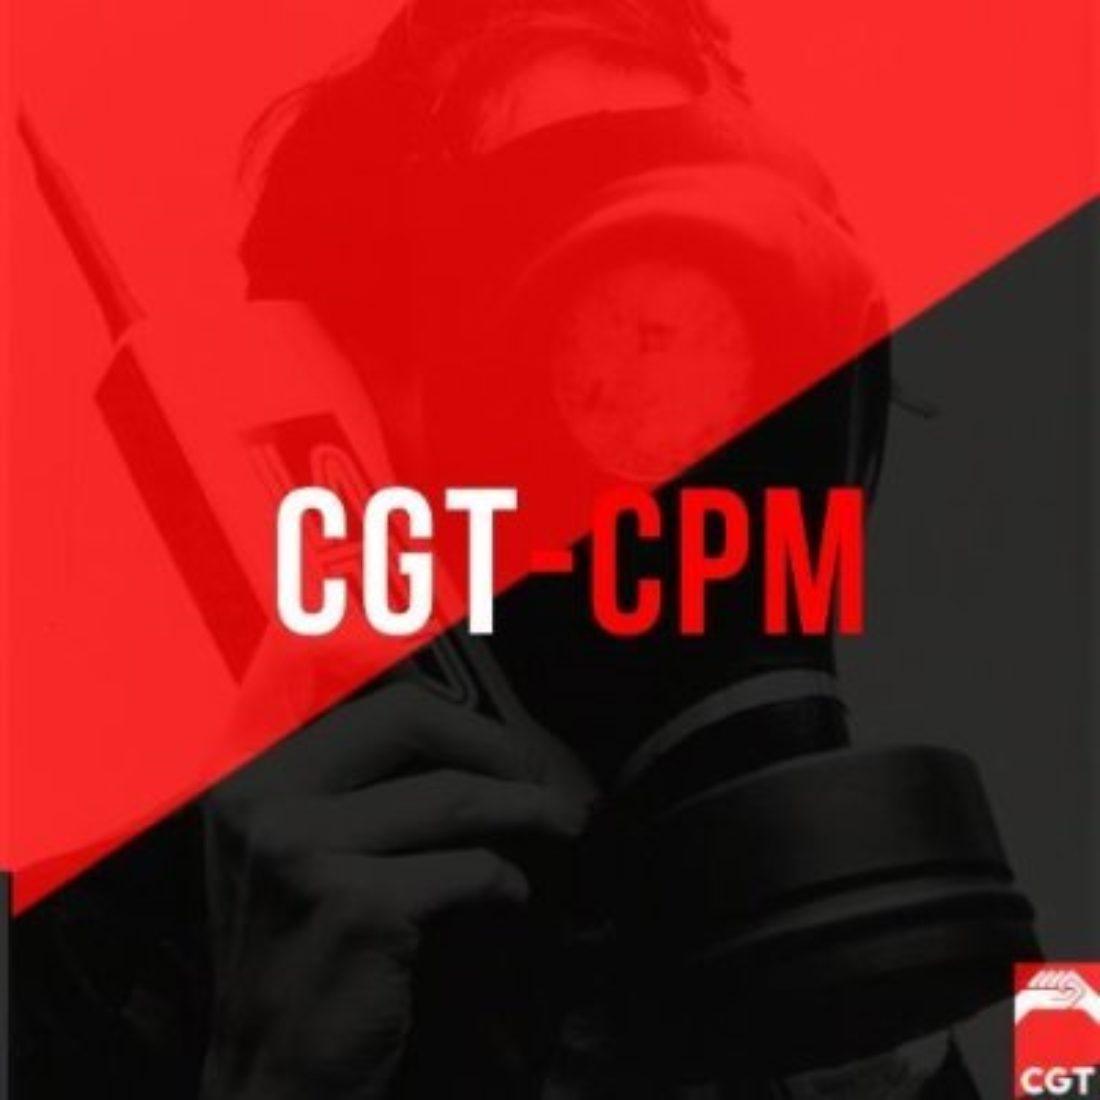 CPM International quiere hacer un ERE a 992 personas aun teniendo beneficios millonarios